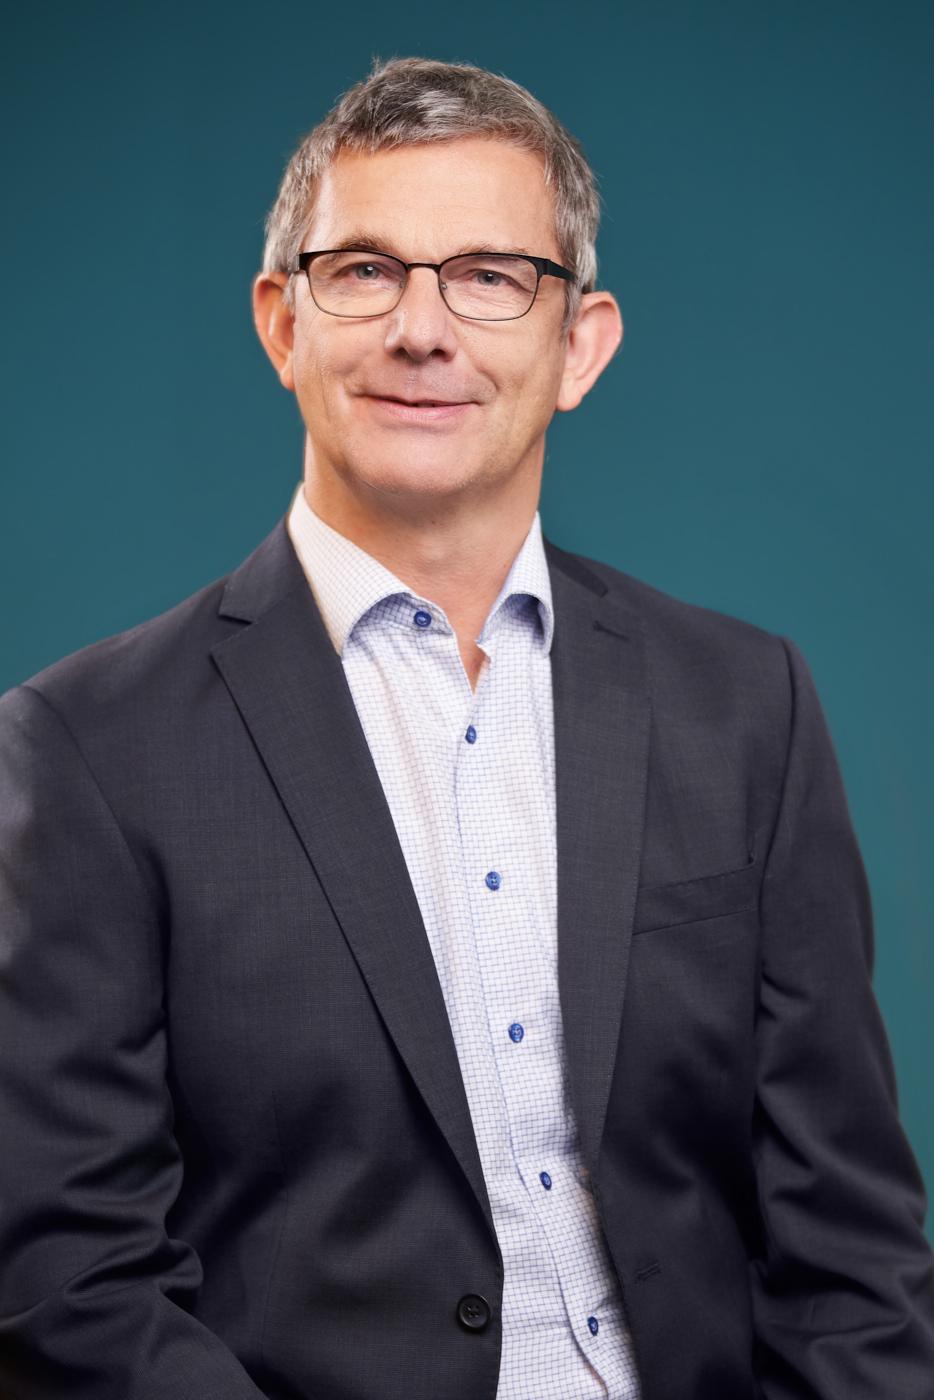 Theodor Königs